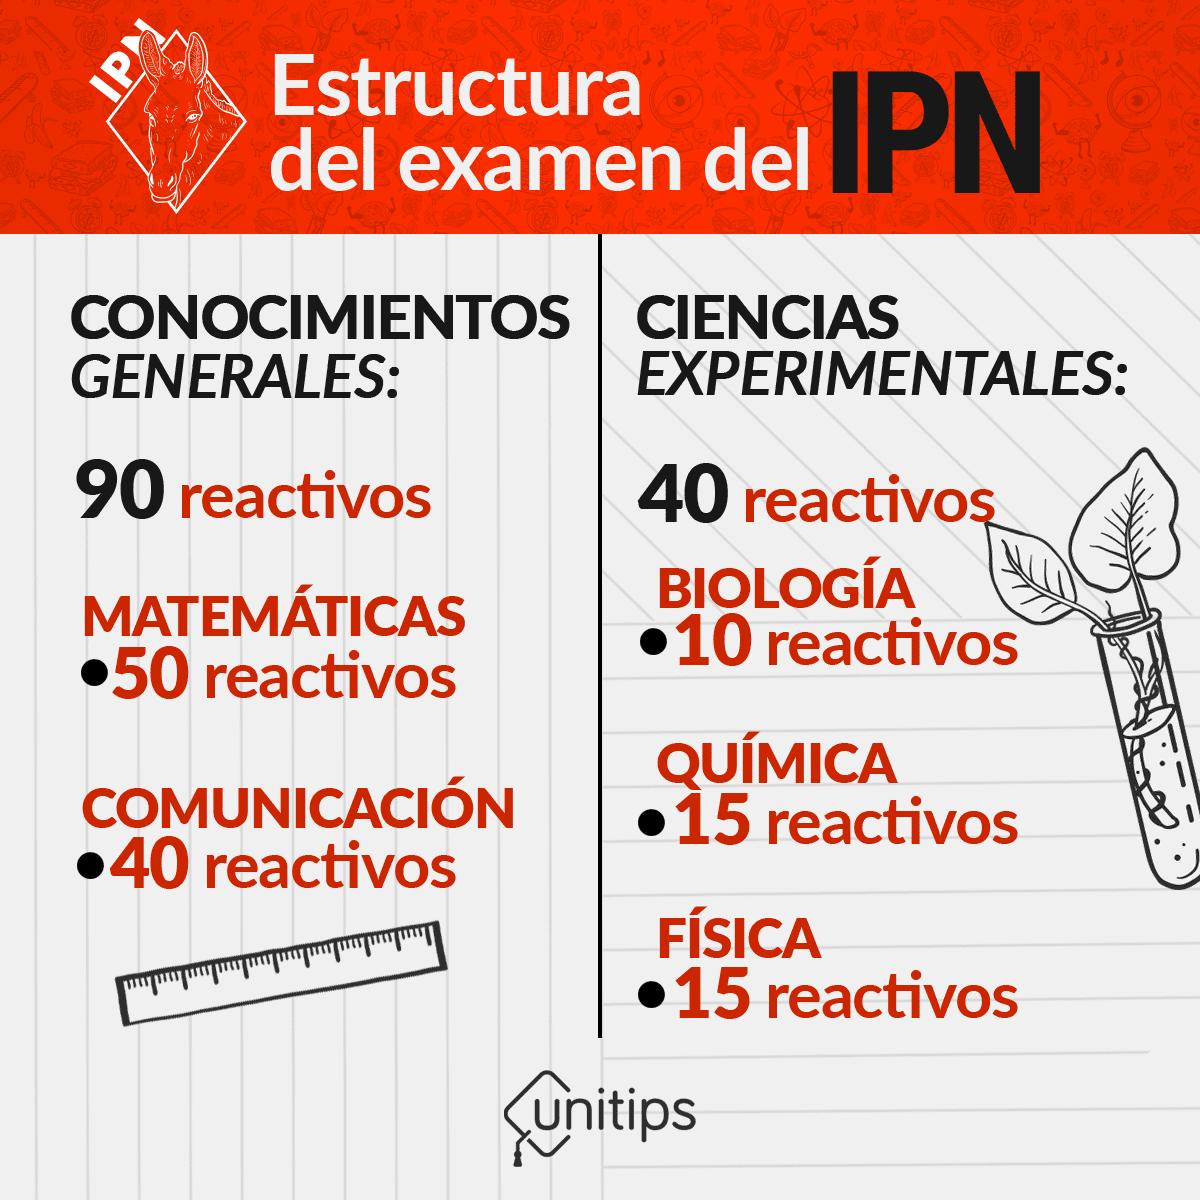 I_INT_Estructura-del-examen-del-IPN